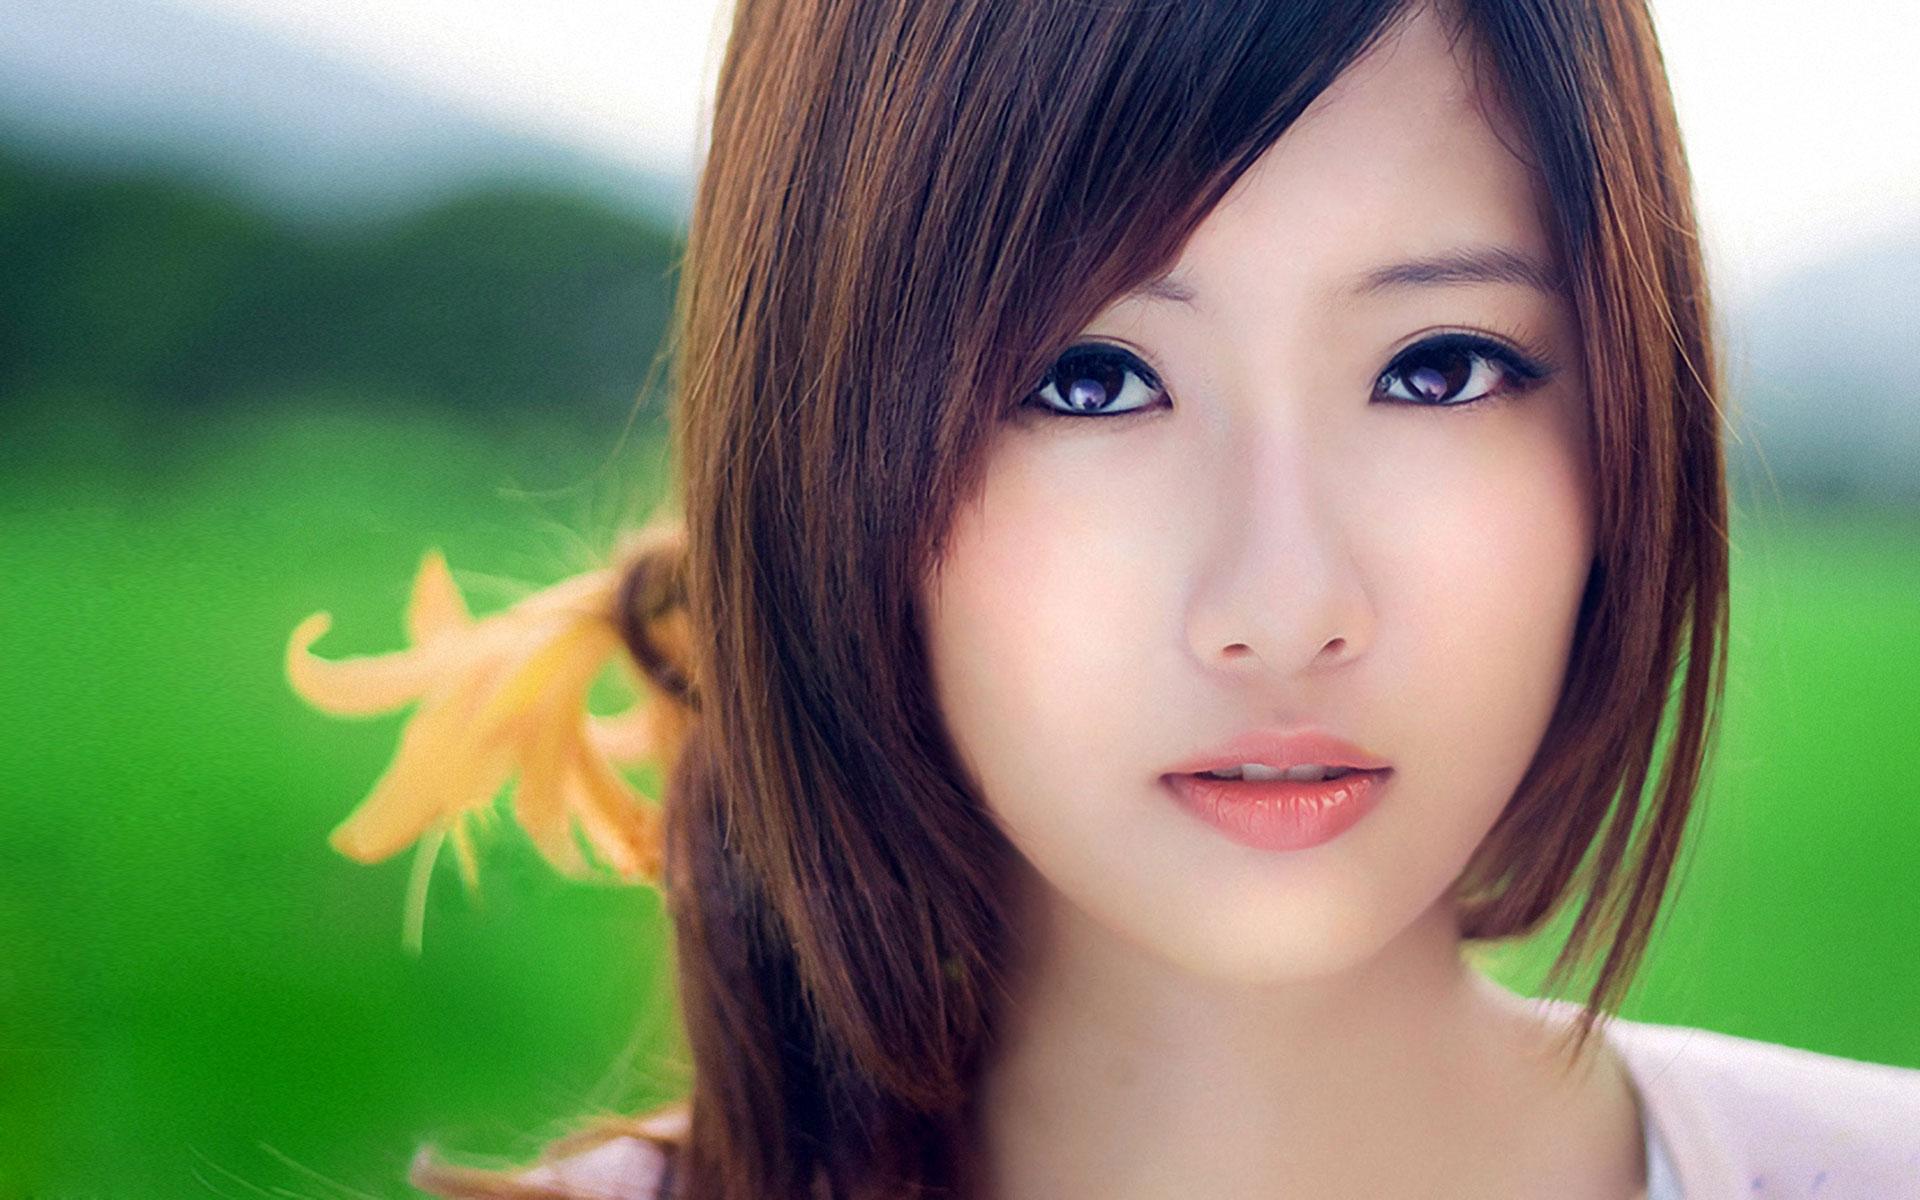 escort markaryd japanes massage sex